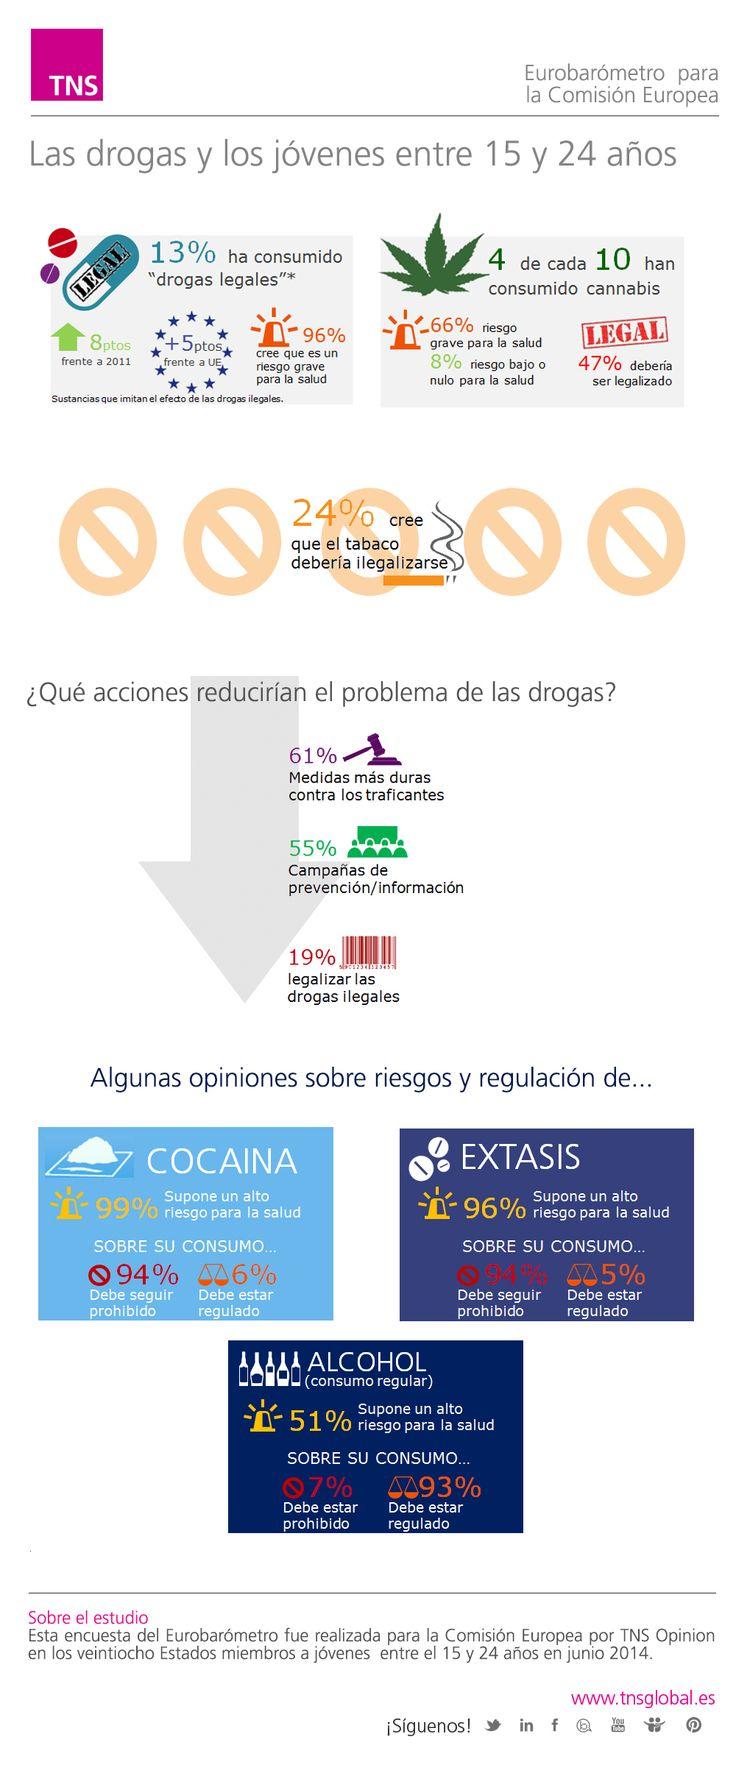 Los jóvenes españoles y las drogas. Datos del Eurobarómetro para la Comisión Europea